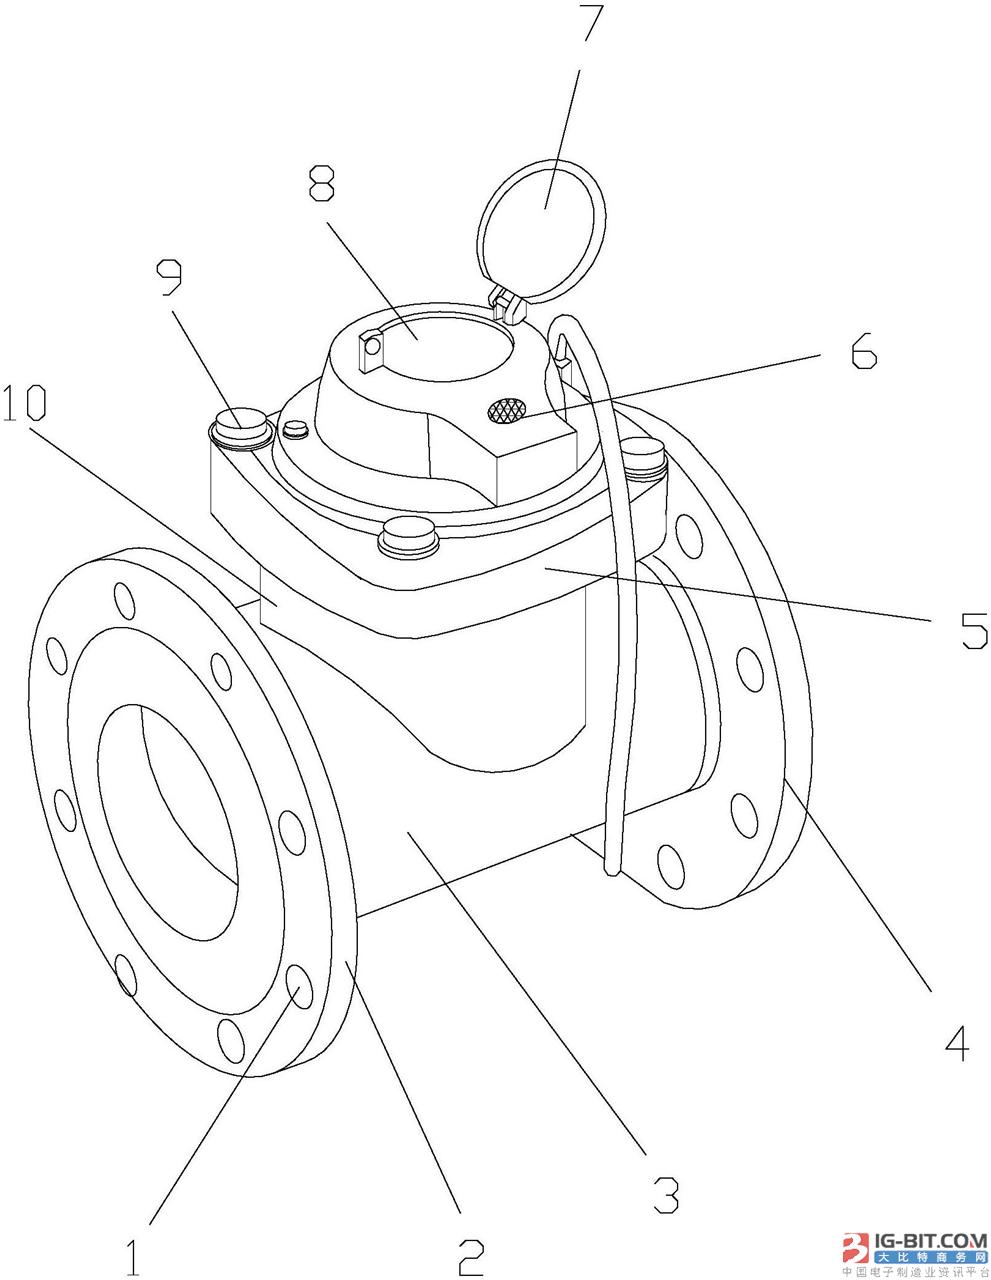 【仪表专利】一种新型的智能防盗水表